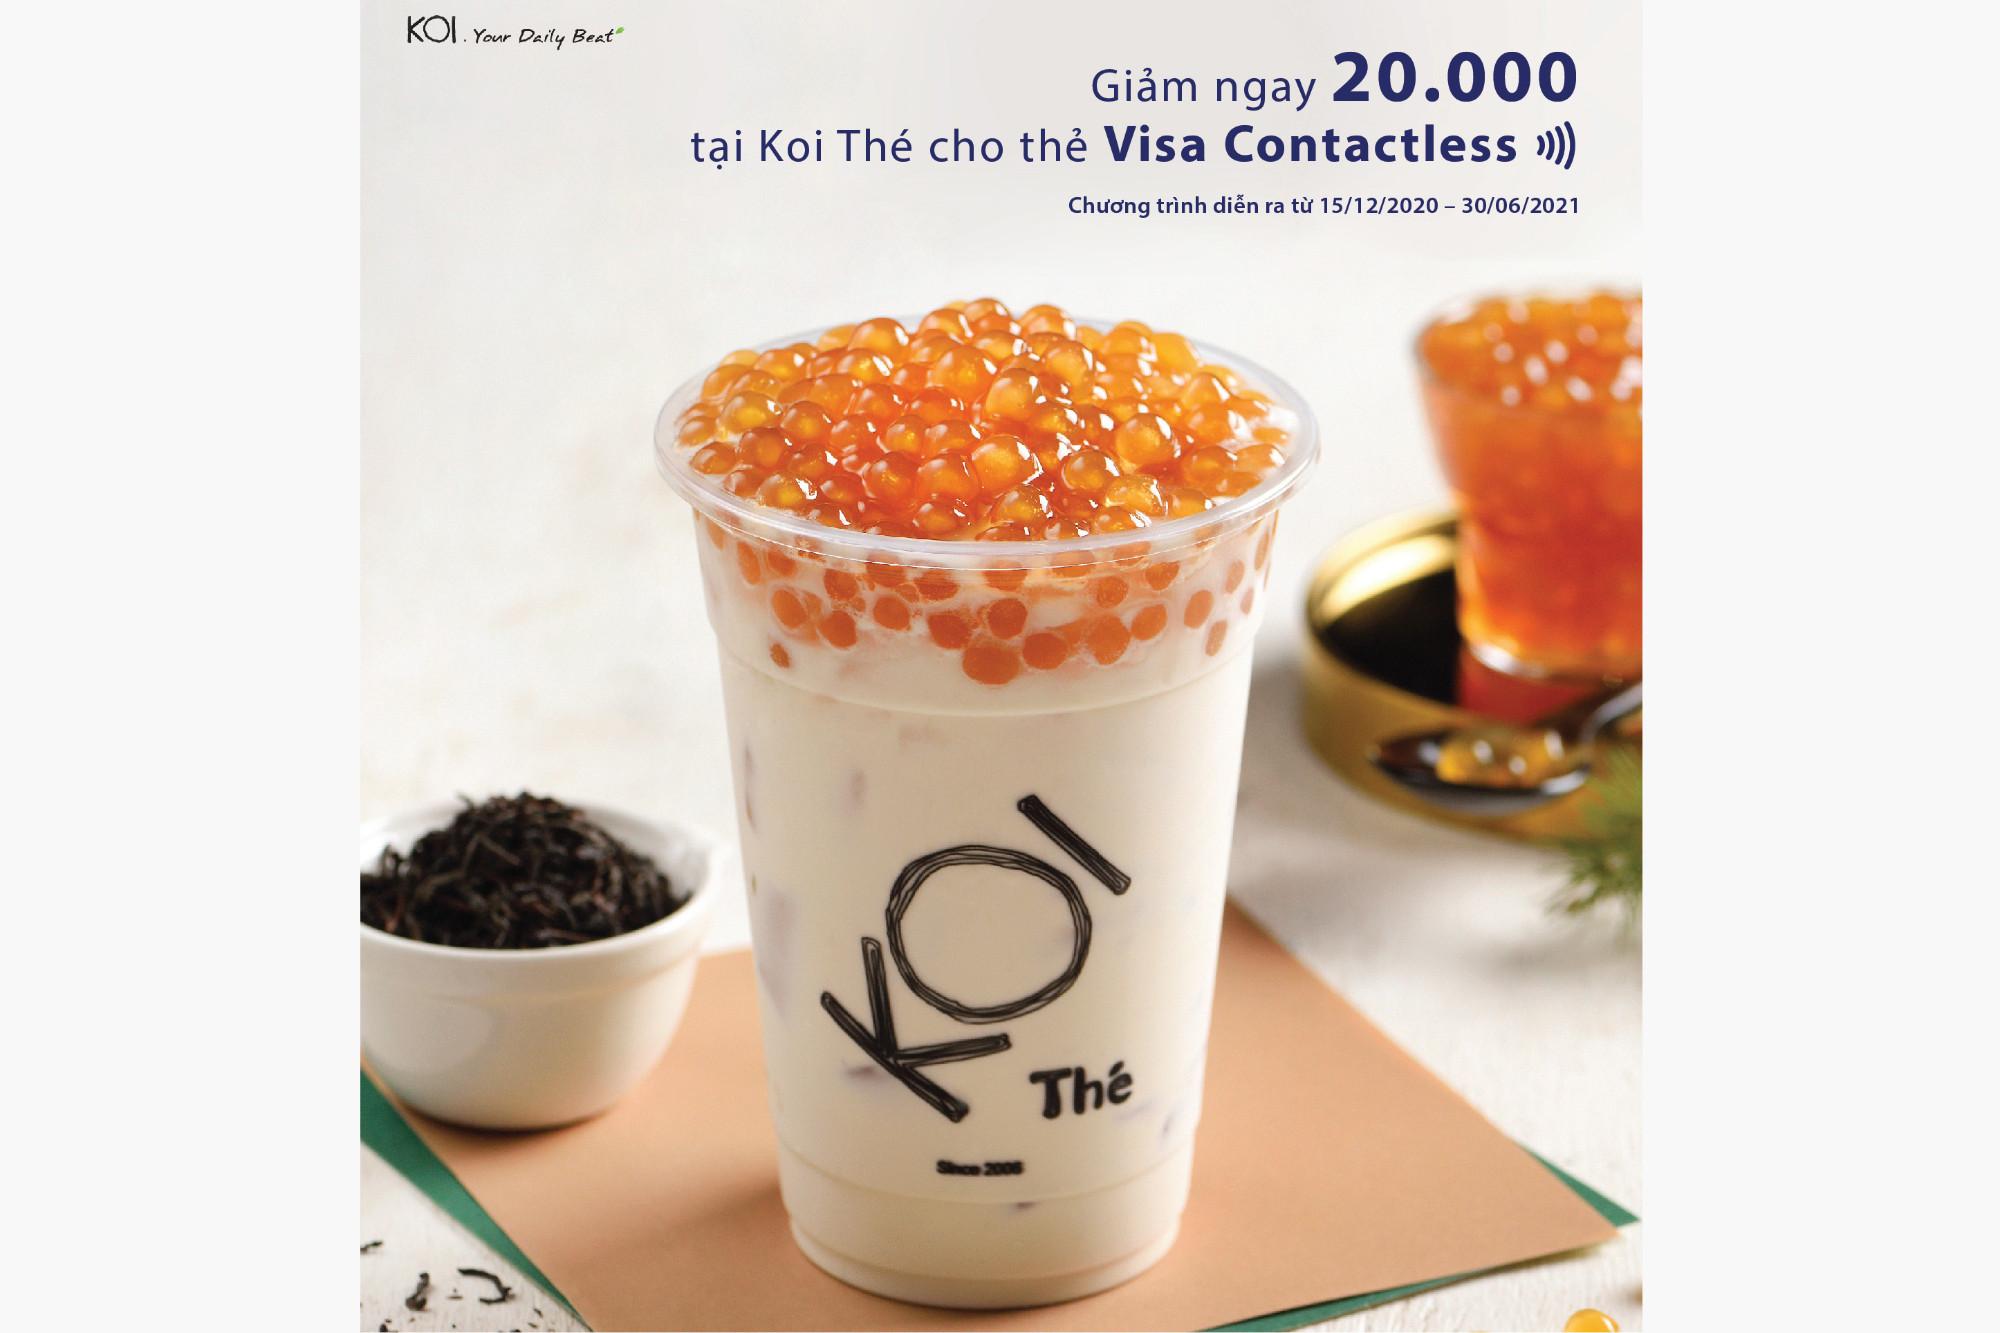 Giảm ngay 20.000 tại Koi Thé cho thẻ Visa Contactless